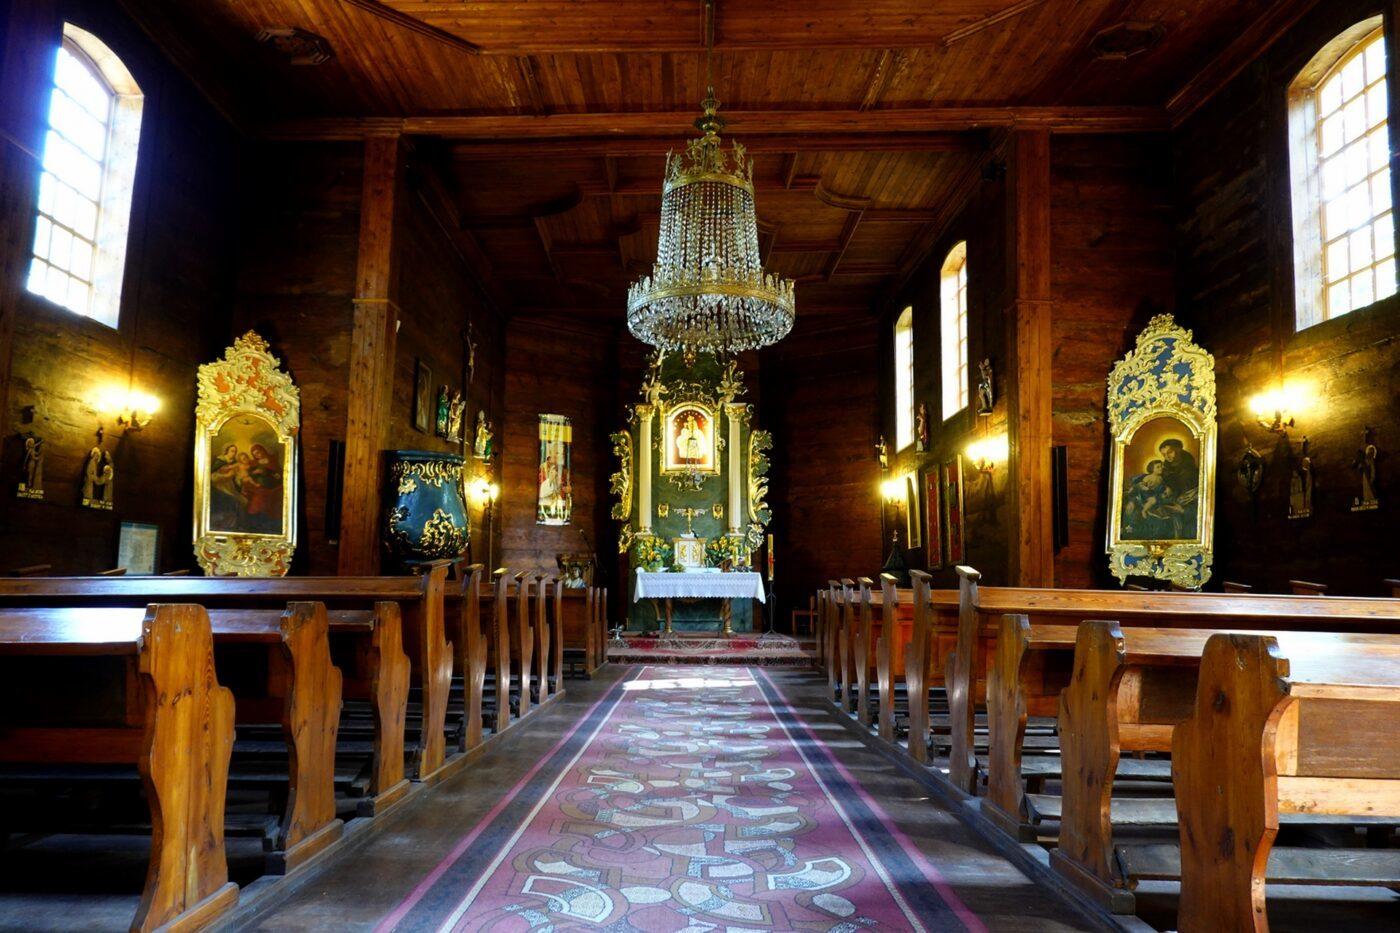 Szlak Piastowski atrakcje, kościół pw. św. Jana Chrzciciela w Gieczu